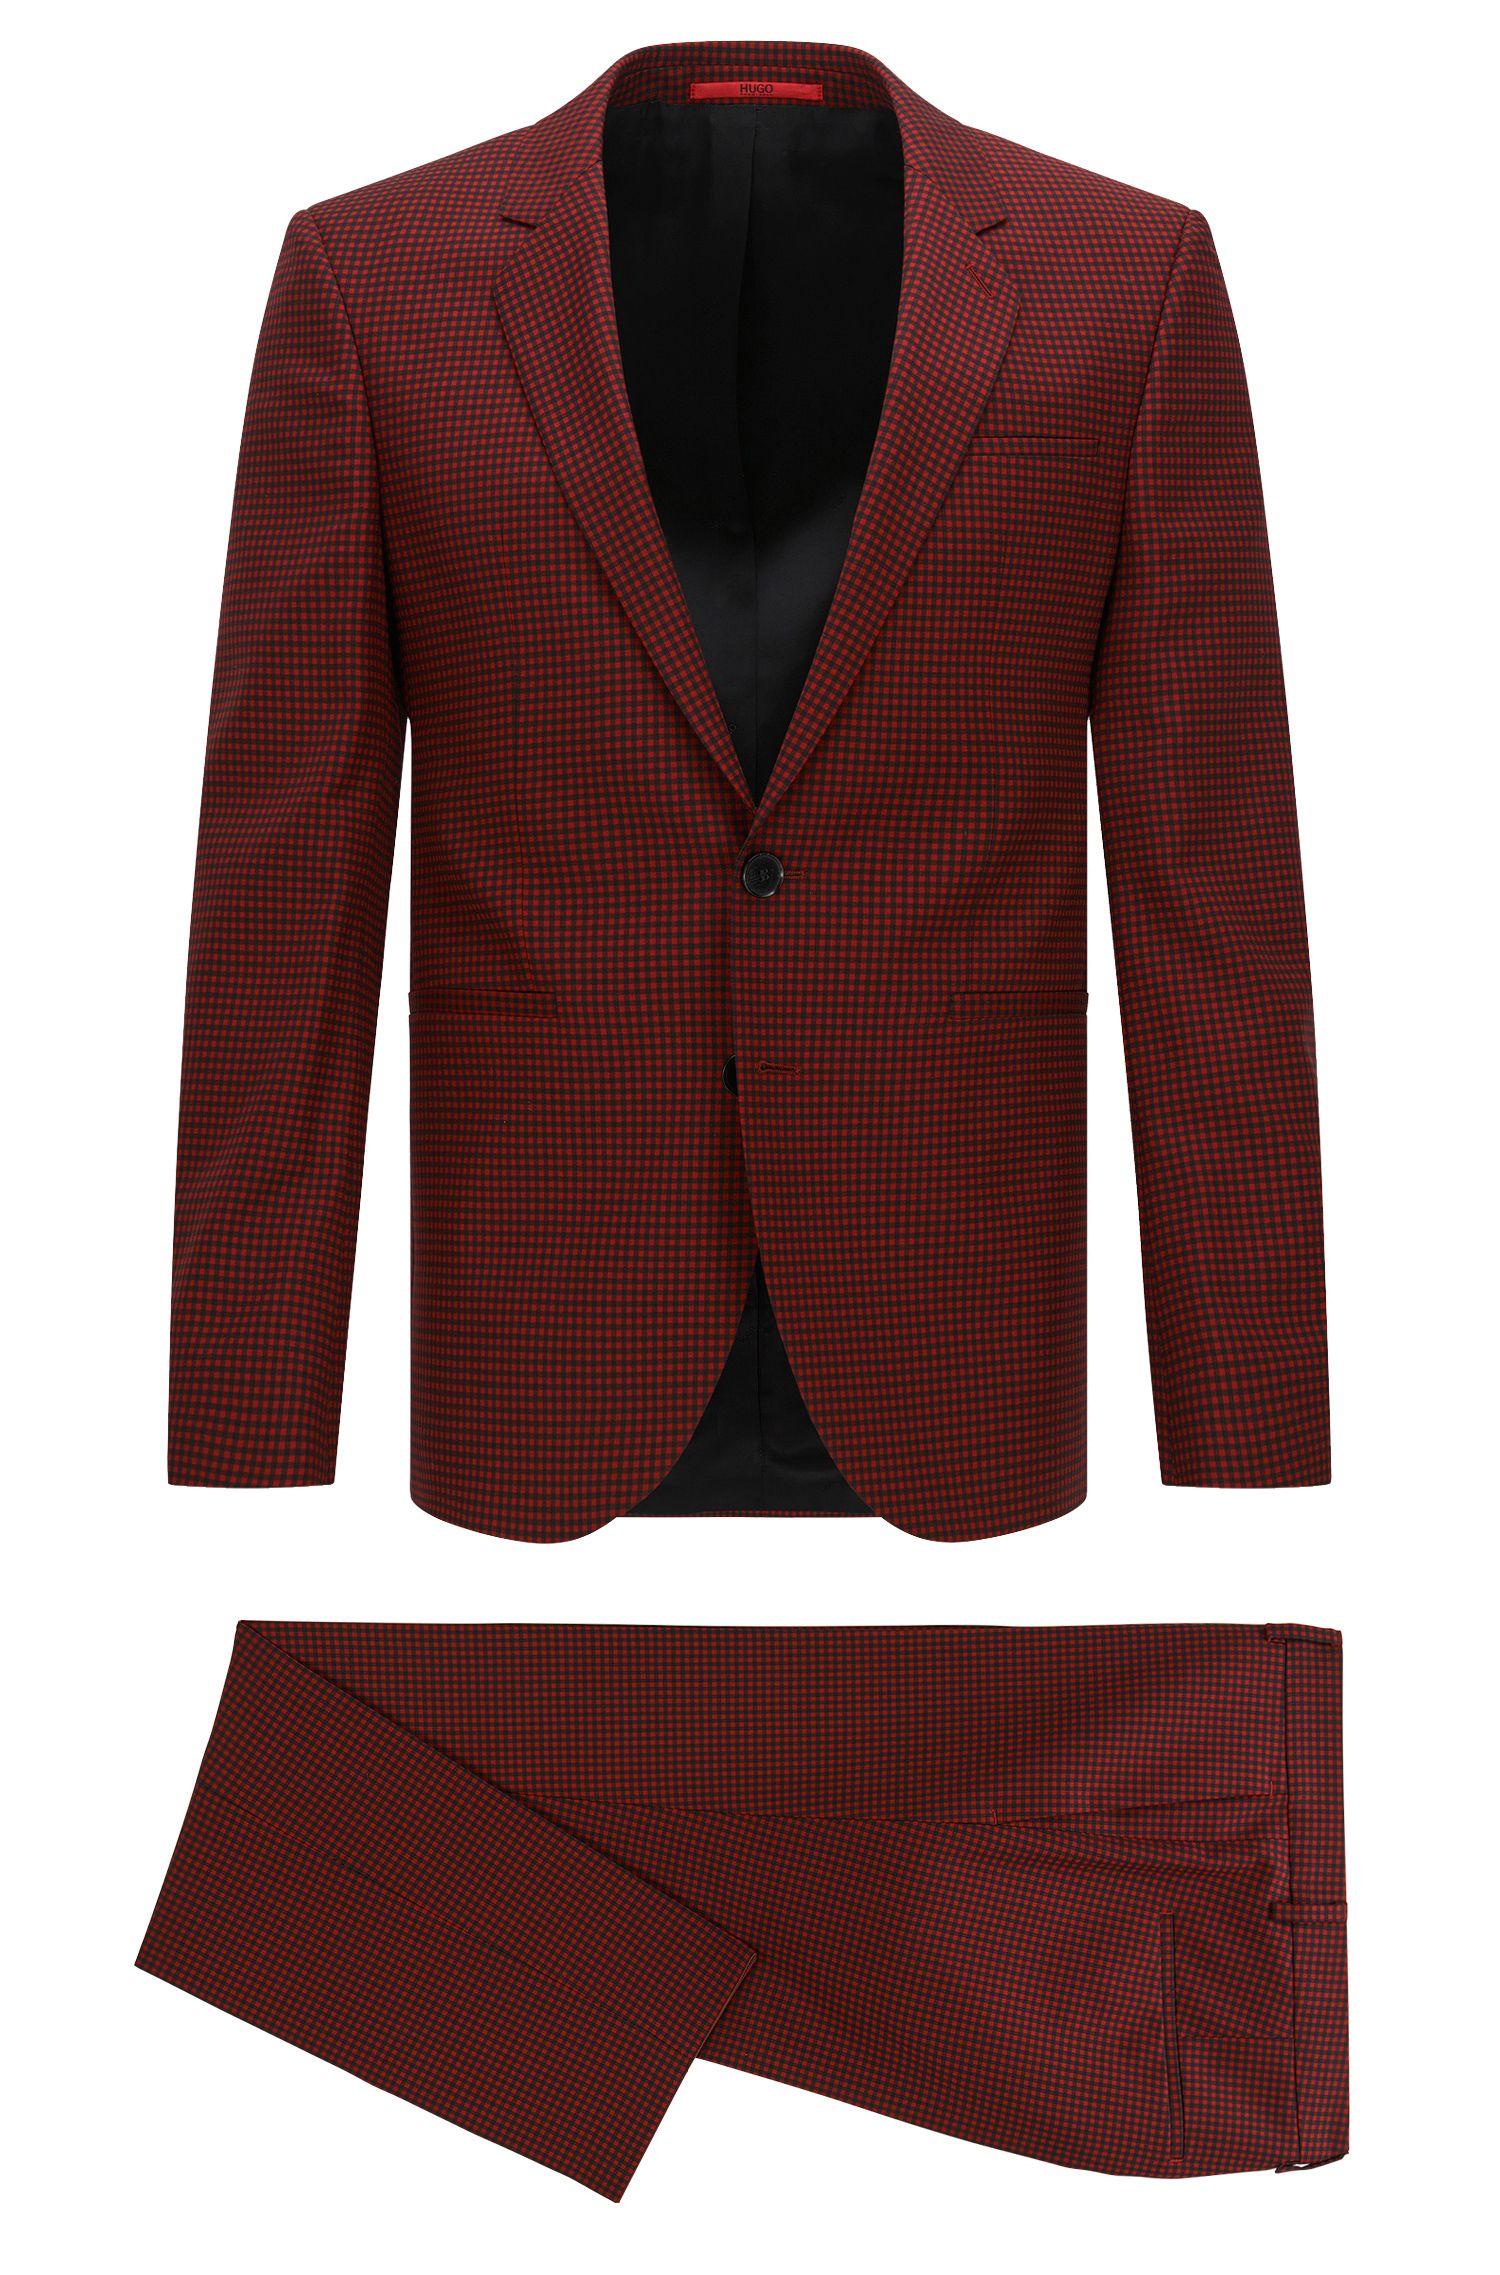 Gingham Super 110 Wool Suit, Extra-Slim Fit   Anwor/Hadlin